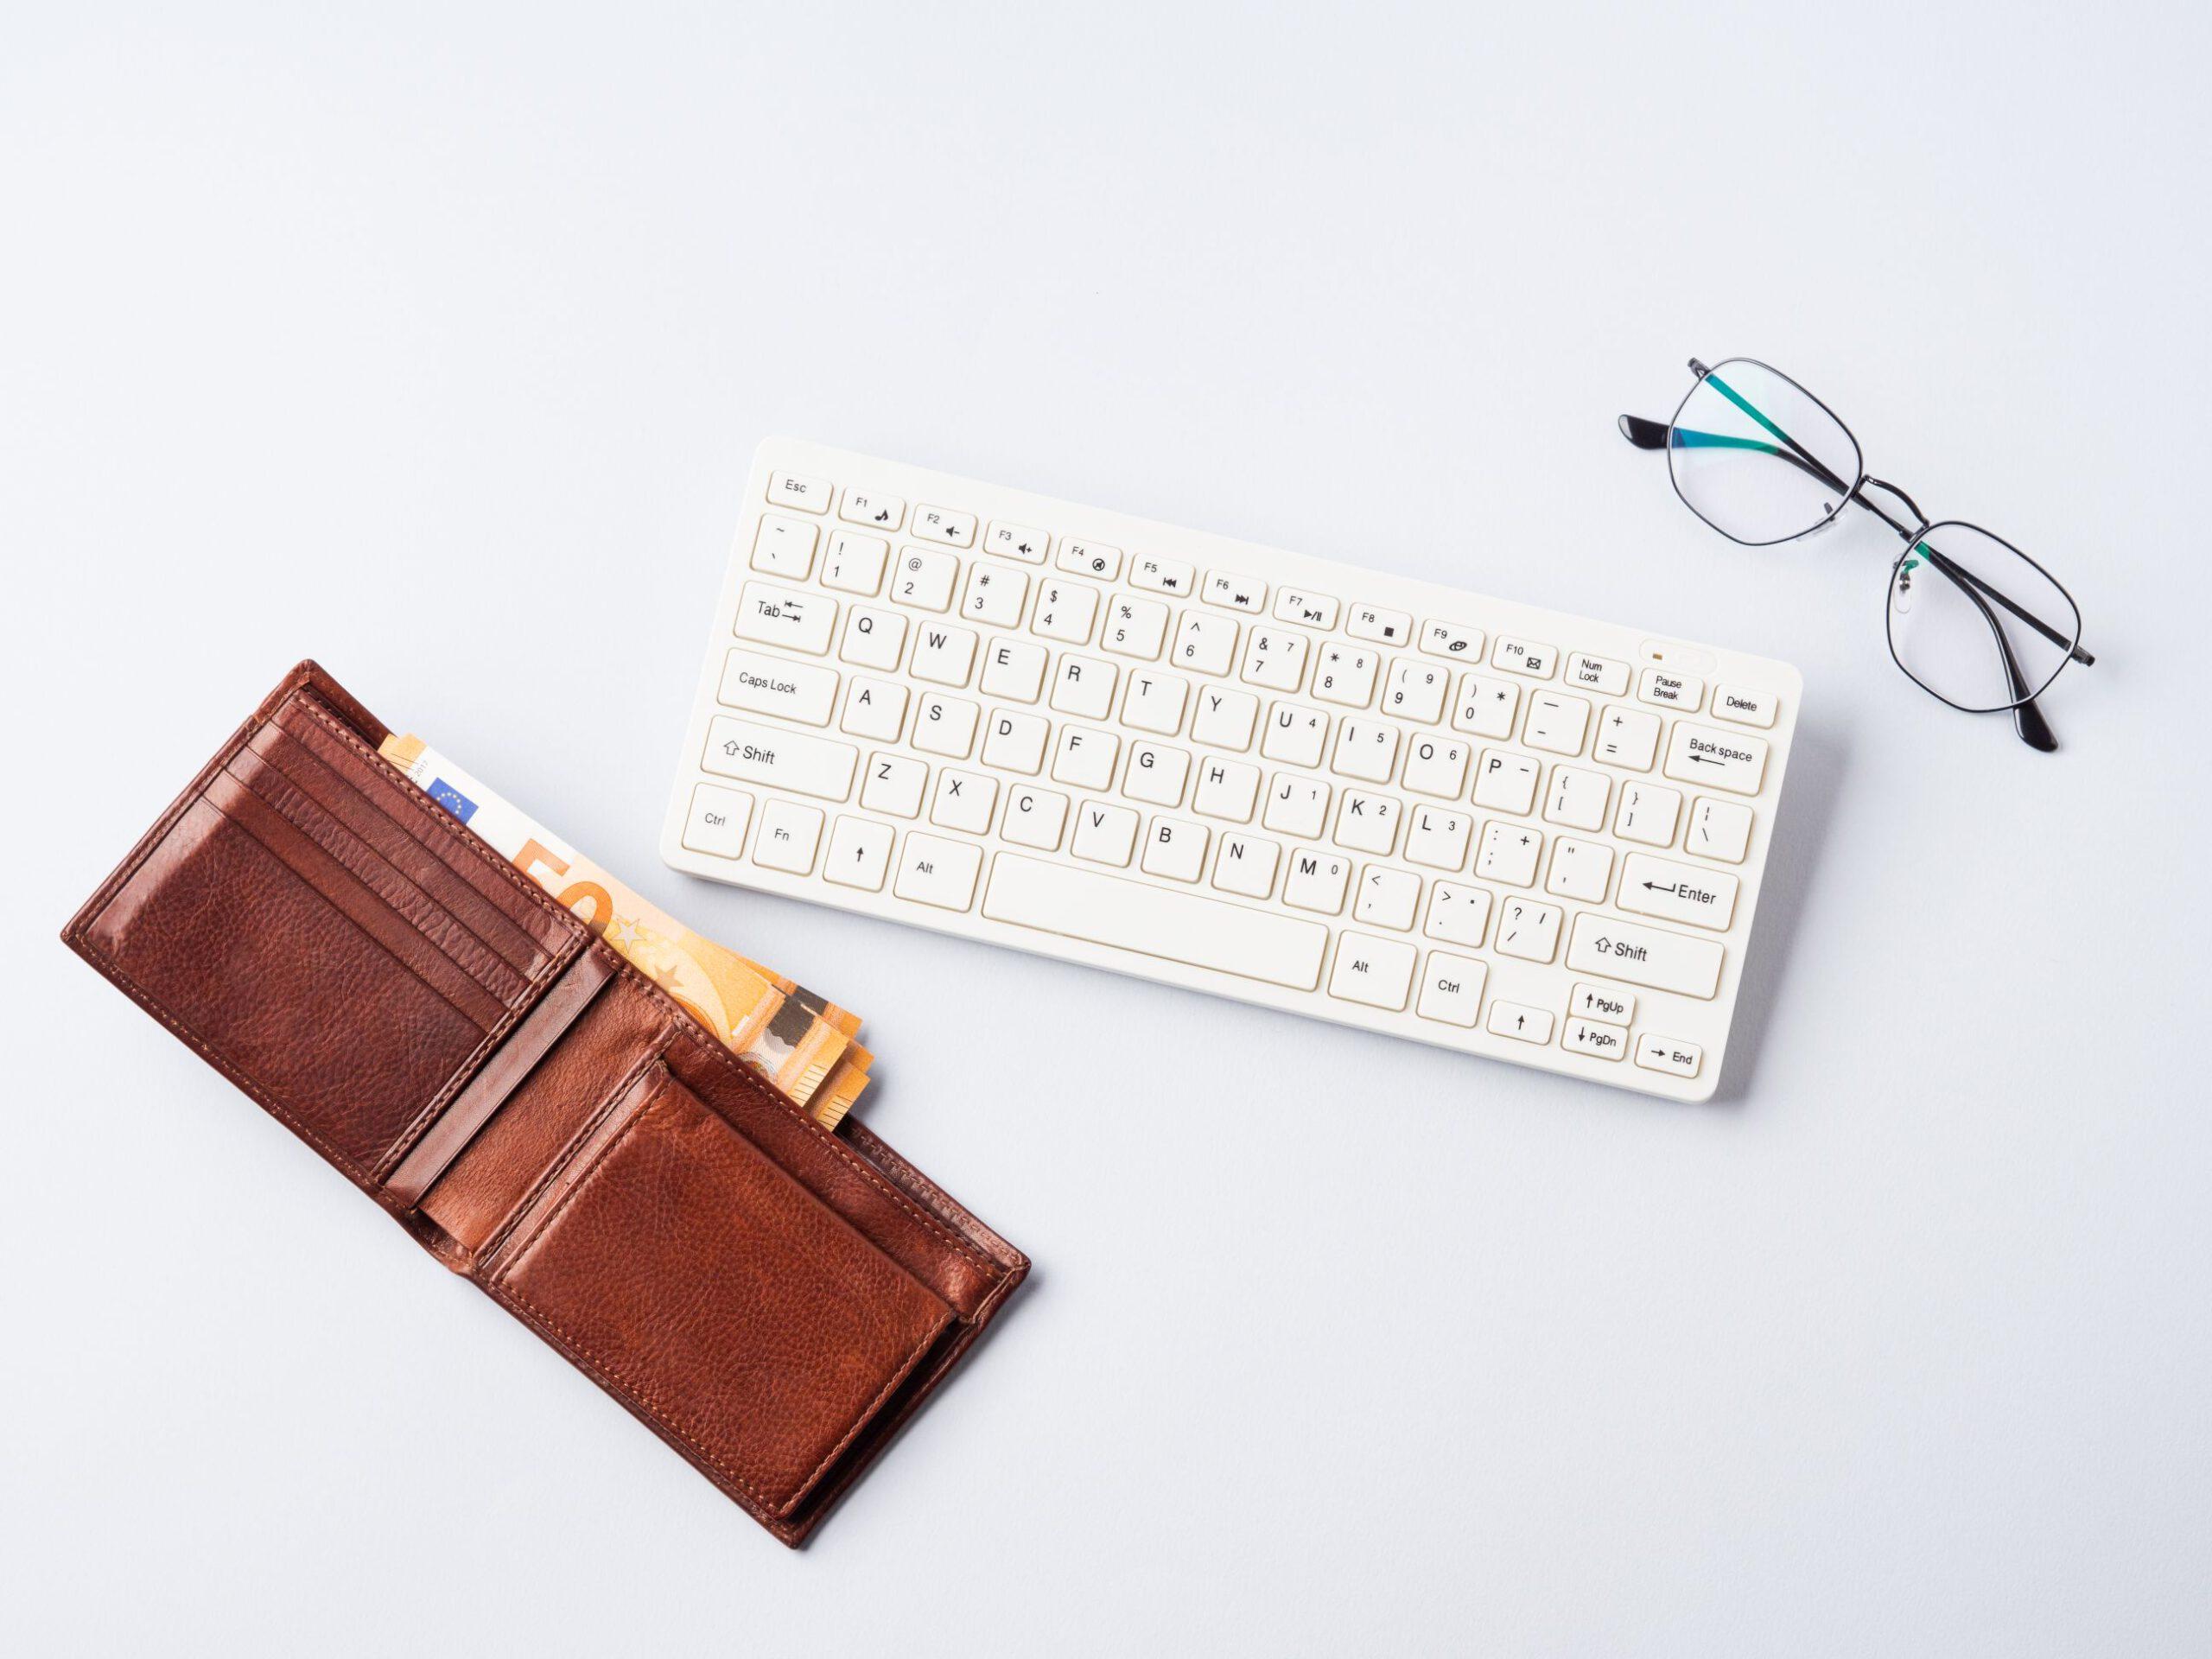 portfel z banknotami w środku obok klawiatury